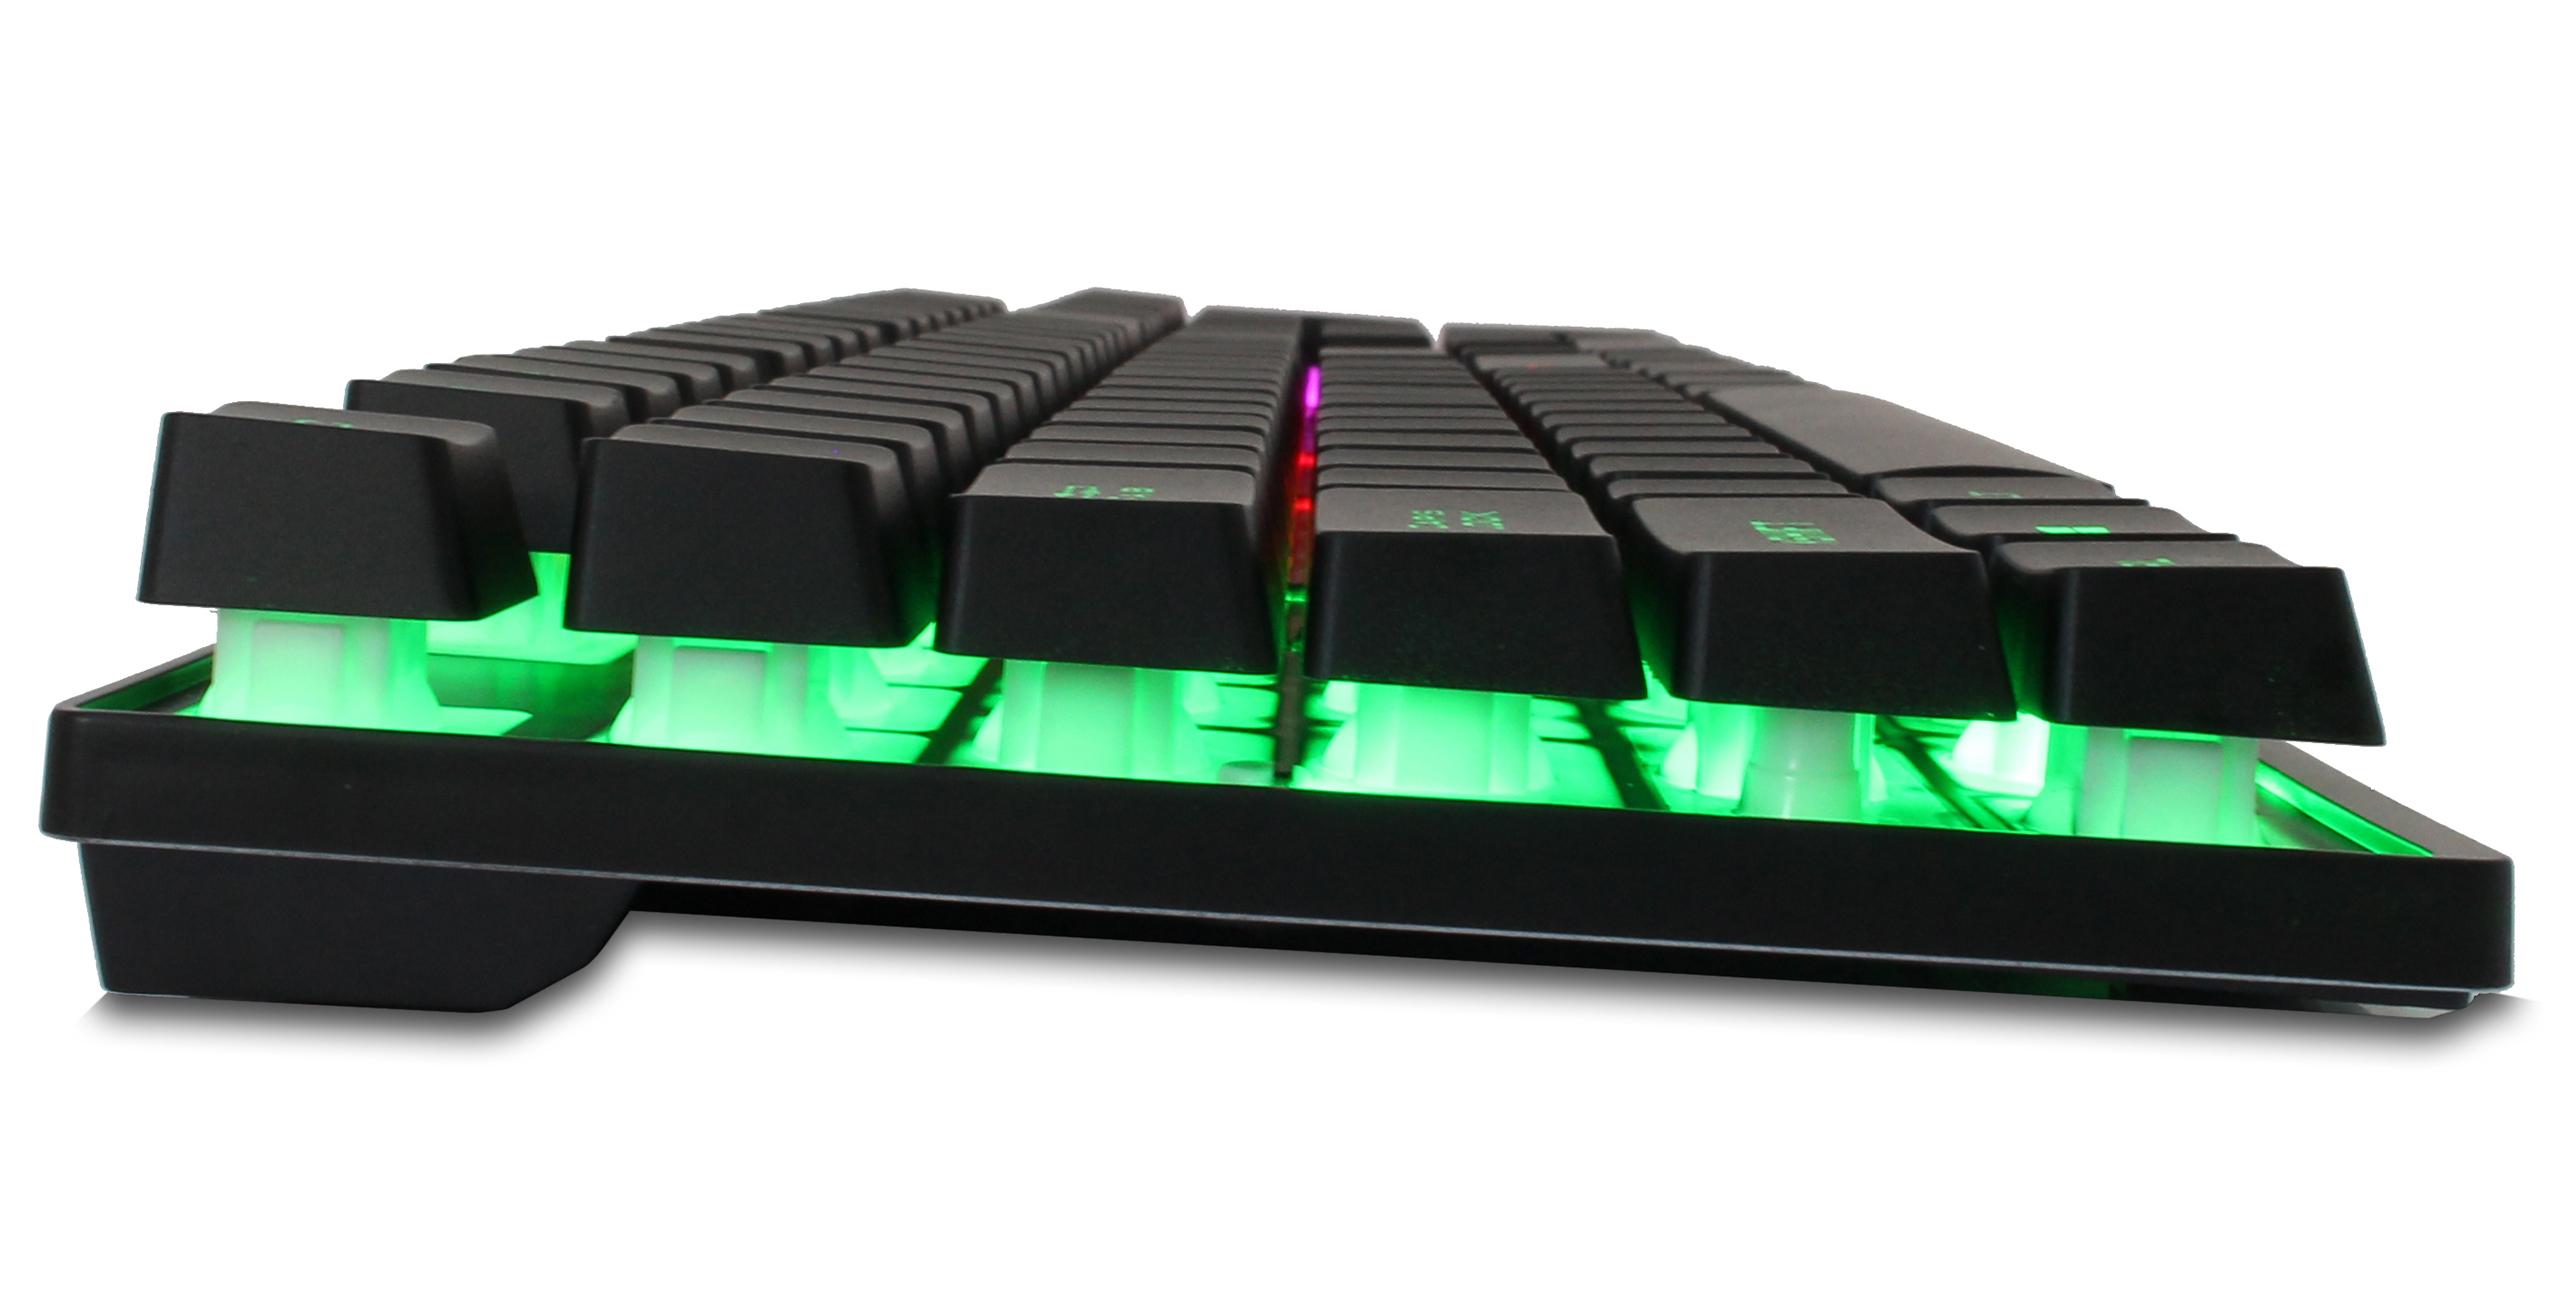 KLAWIATURA PODŚWIETLANA DLA GRACZY GAMINGOWA LED Interfejs USB